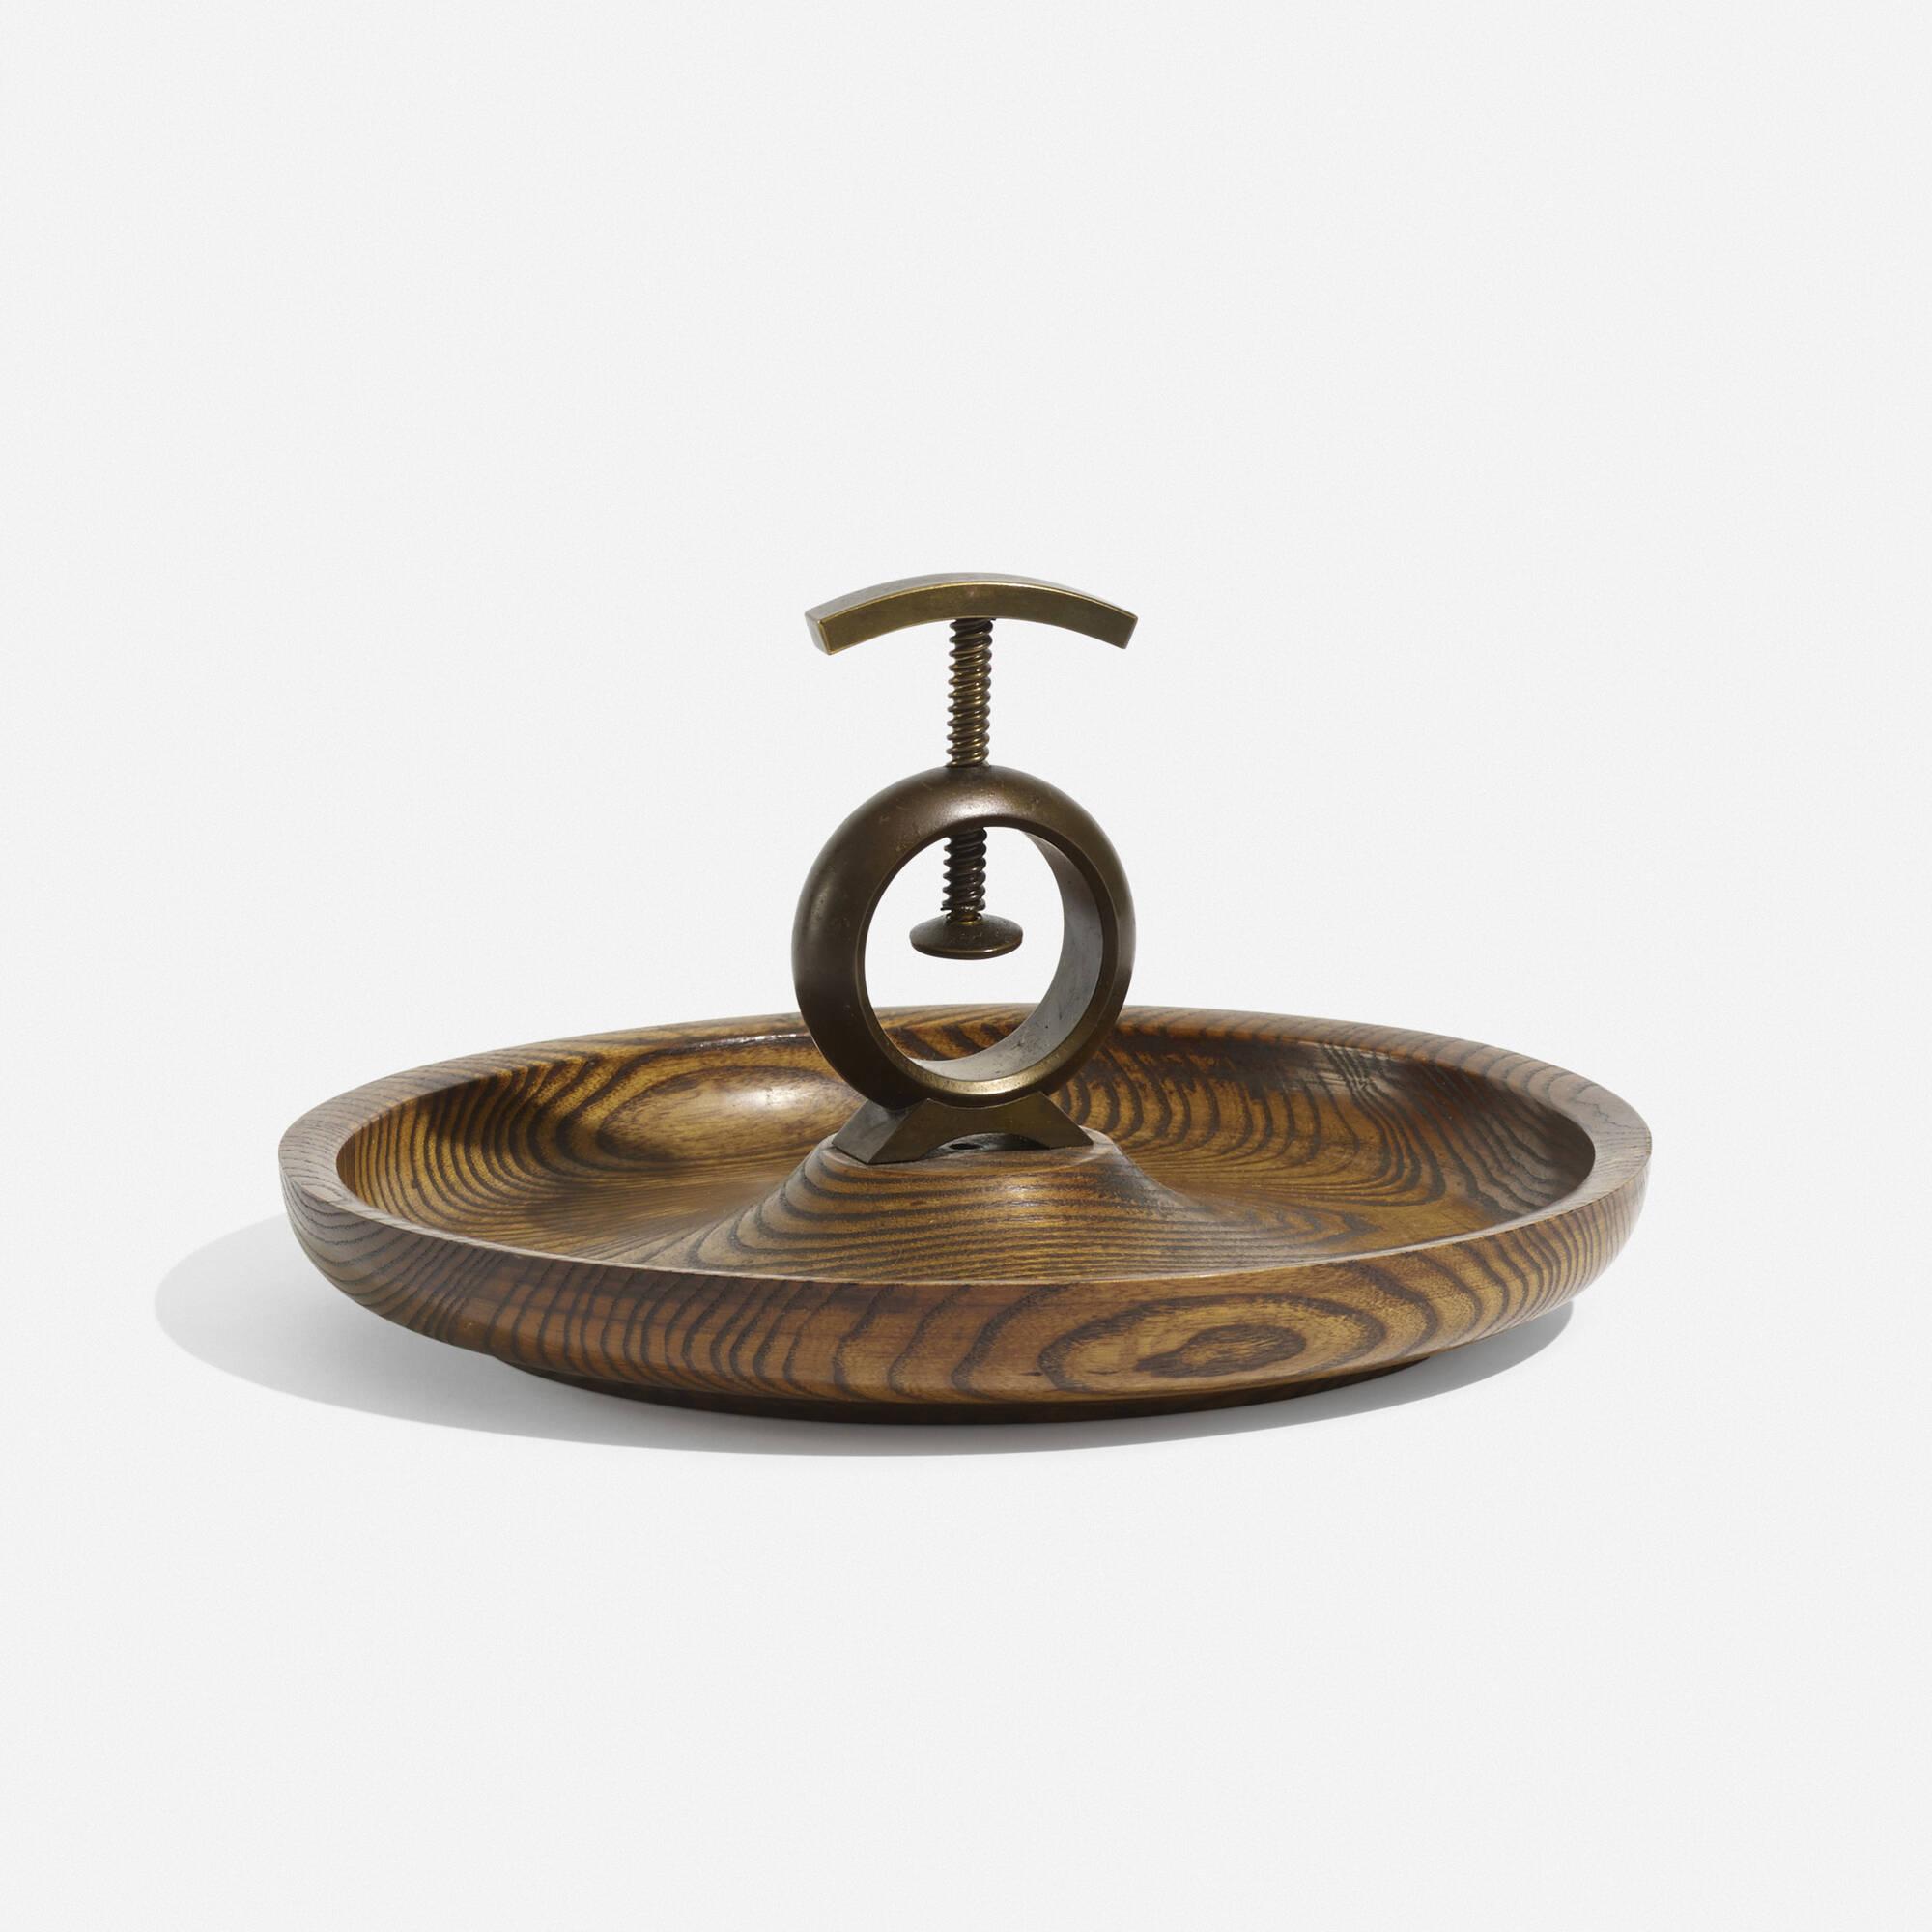 318: Carl Auböck II / early nutcracker bowl (1 of 2)